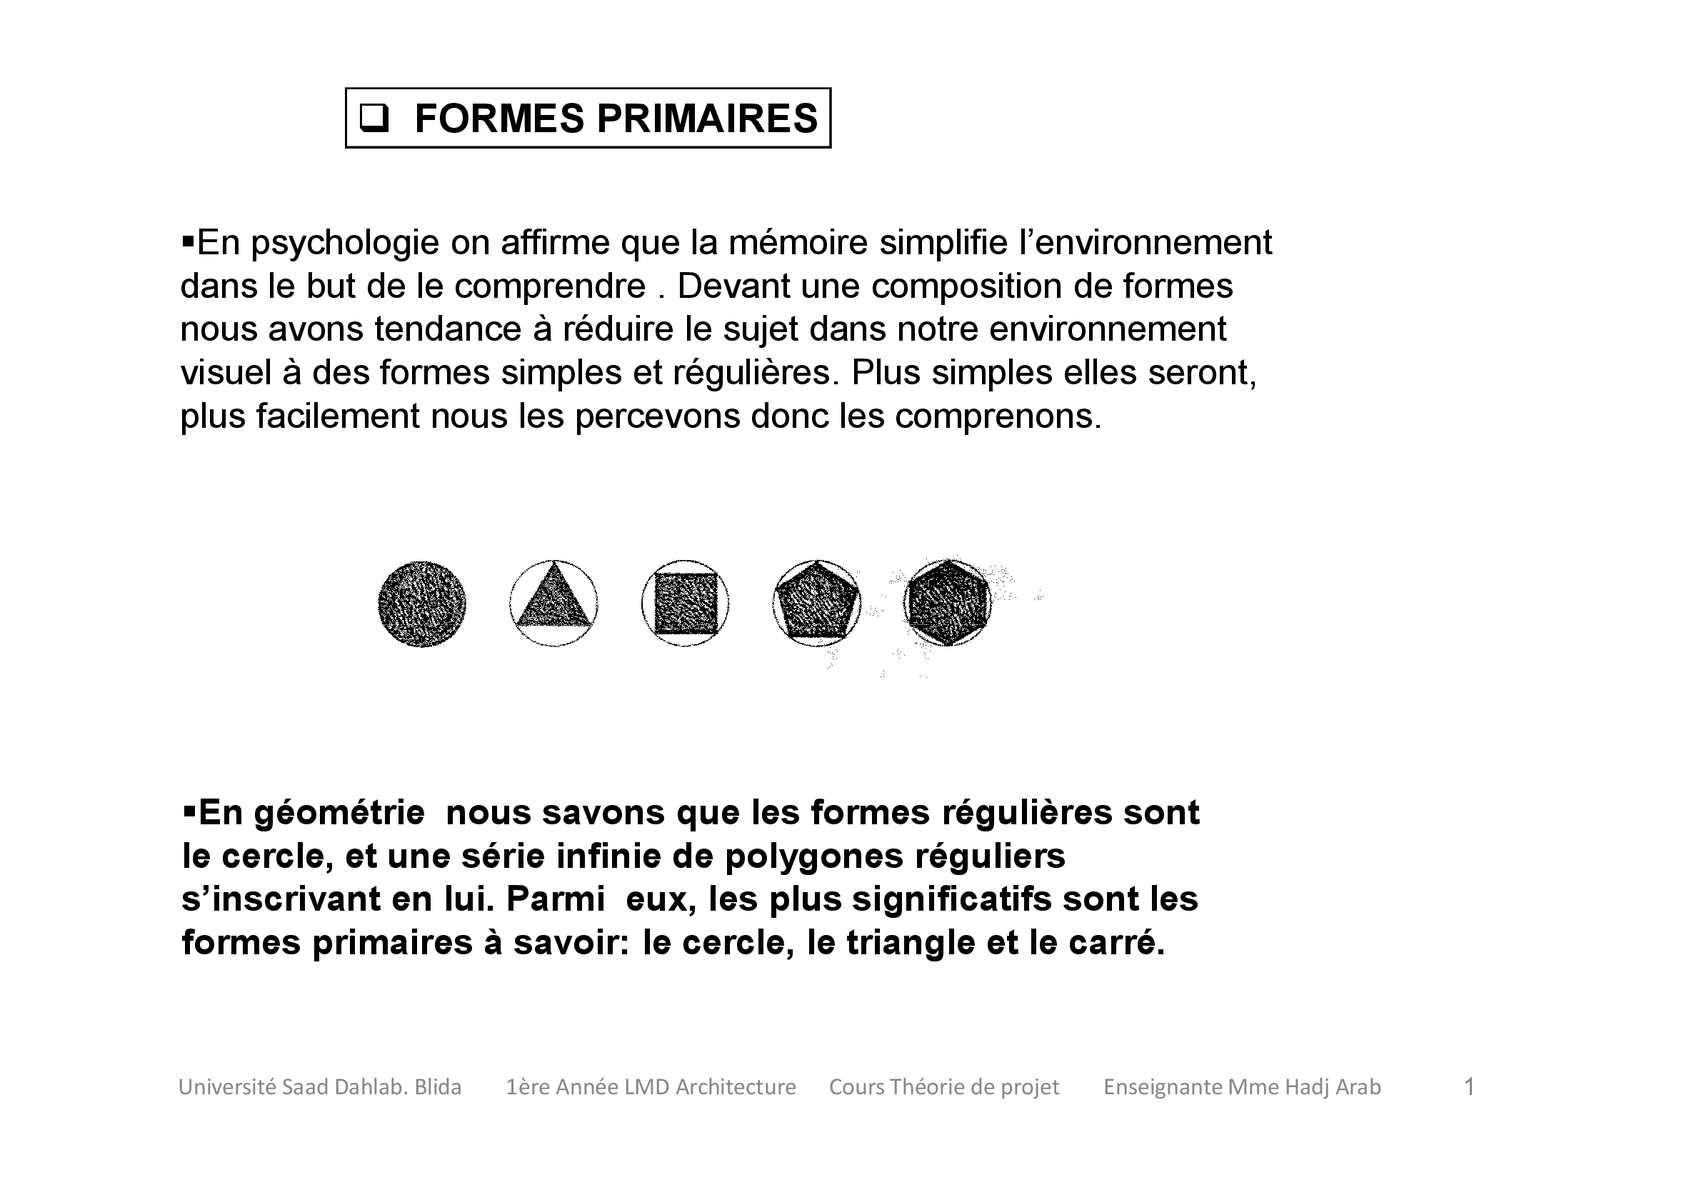 cours théorie du projet 1ére année ''formes et solides primaires''